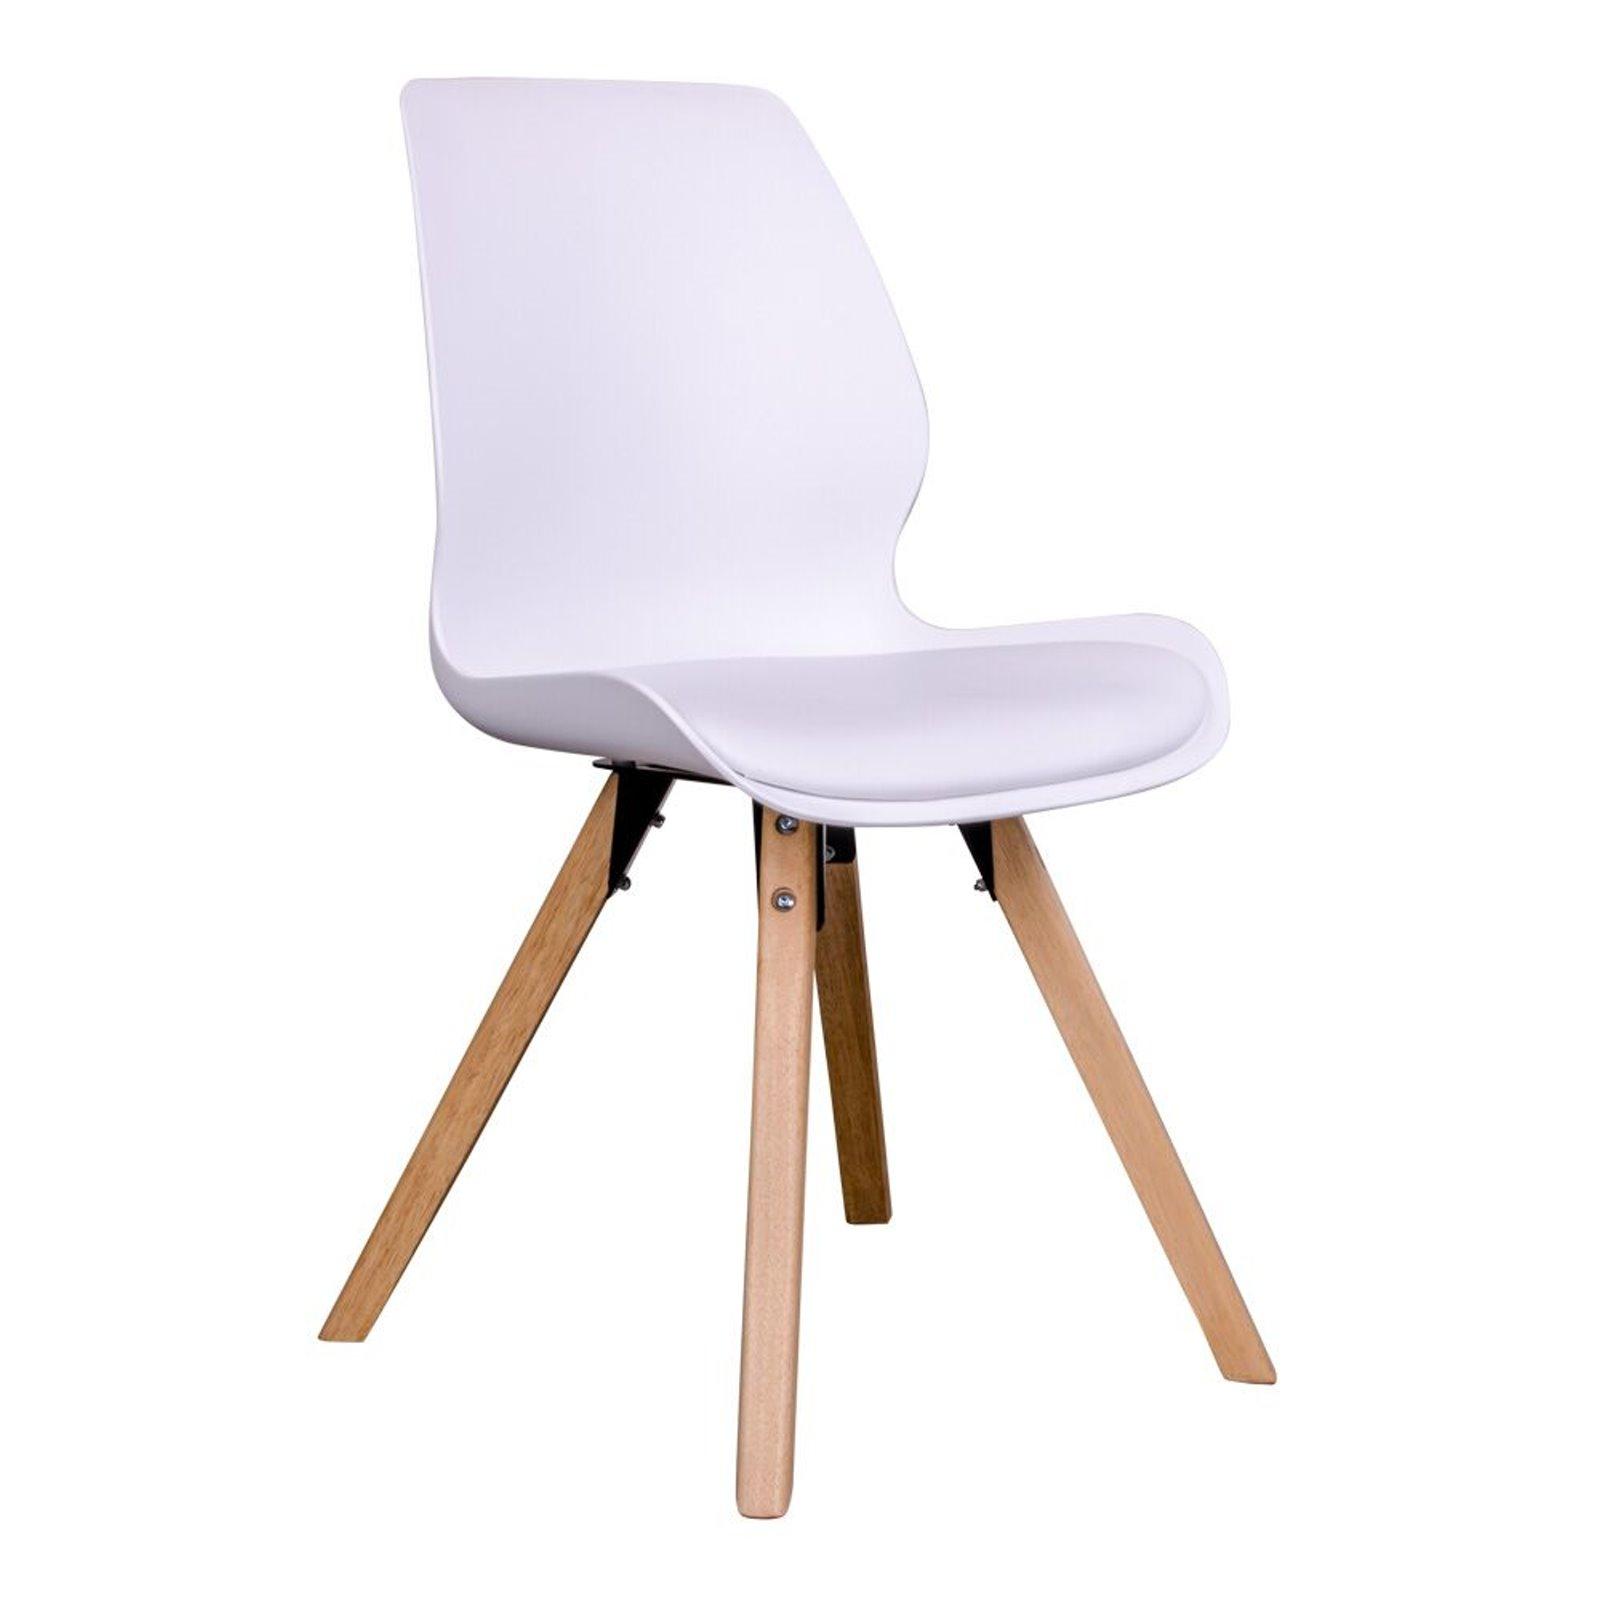 2 x designerstuhl rie wei schalenstuhl esszimmerst hle for Schalenstuhl outdoor